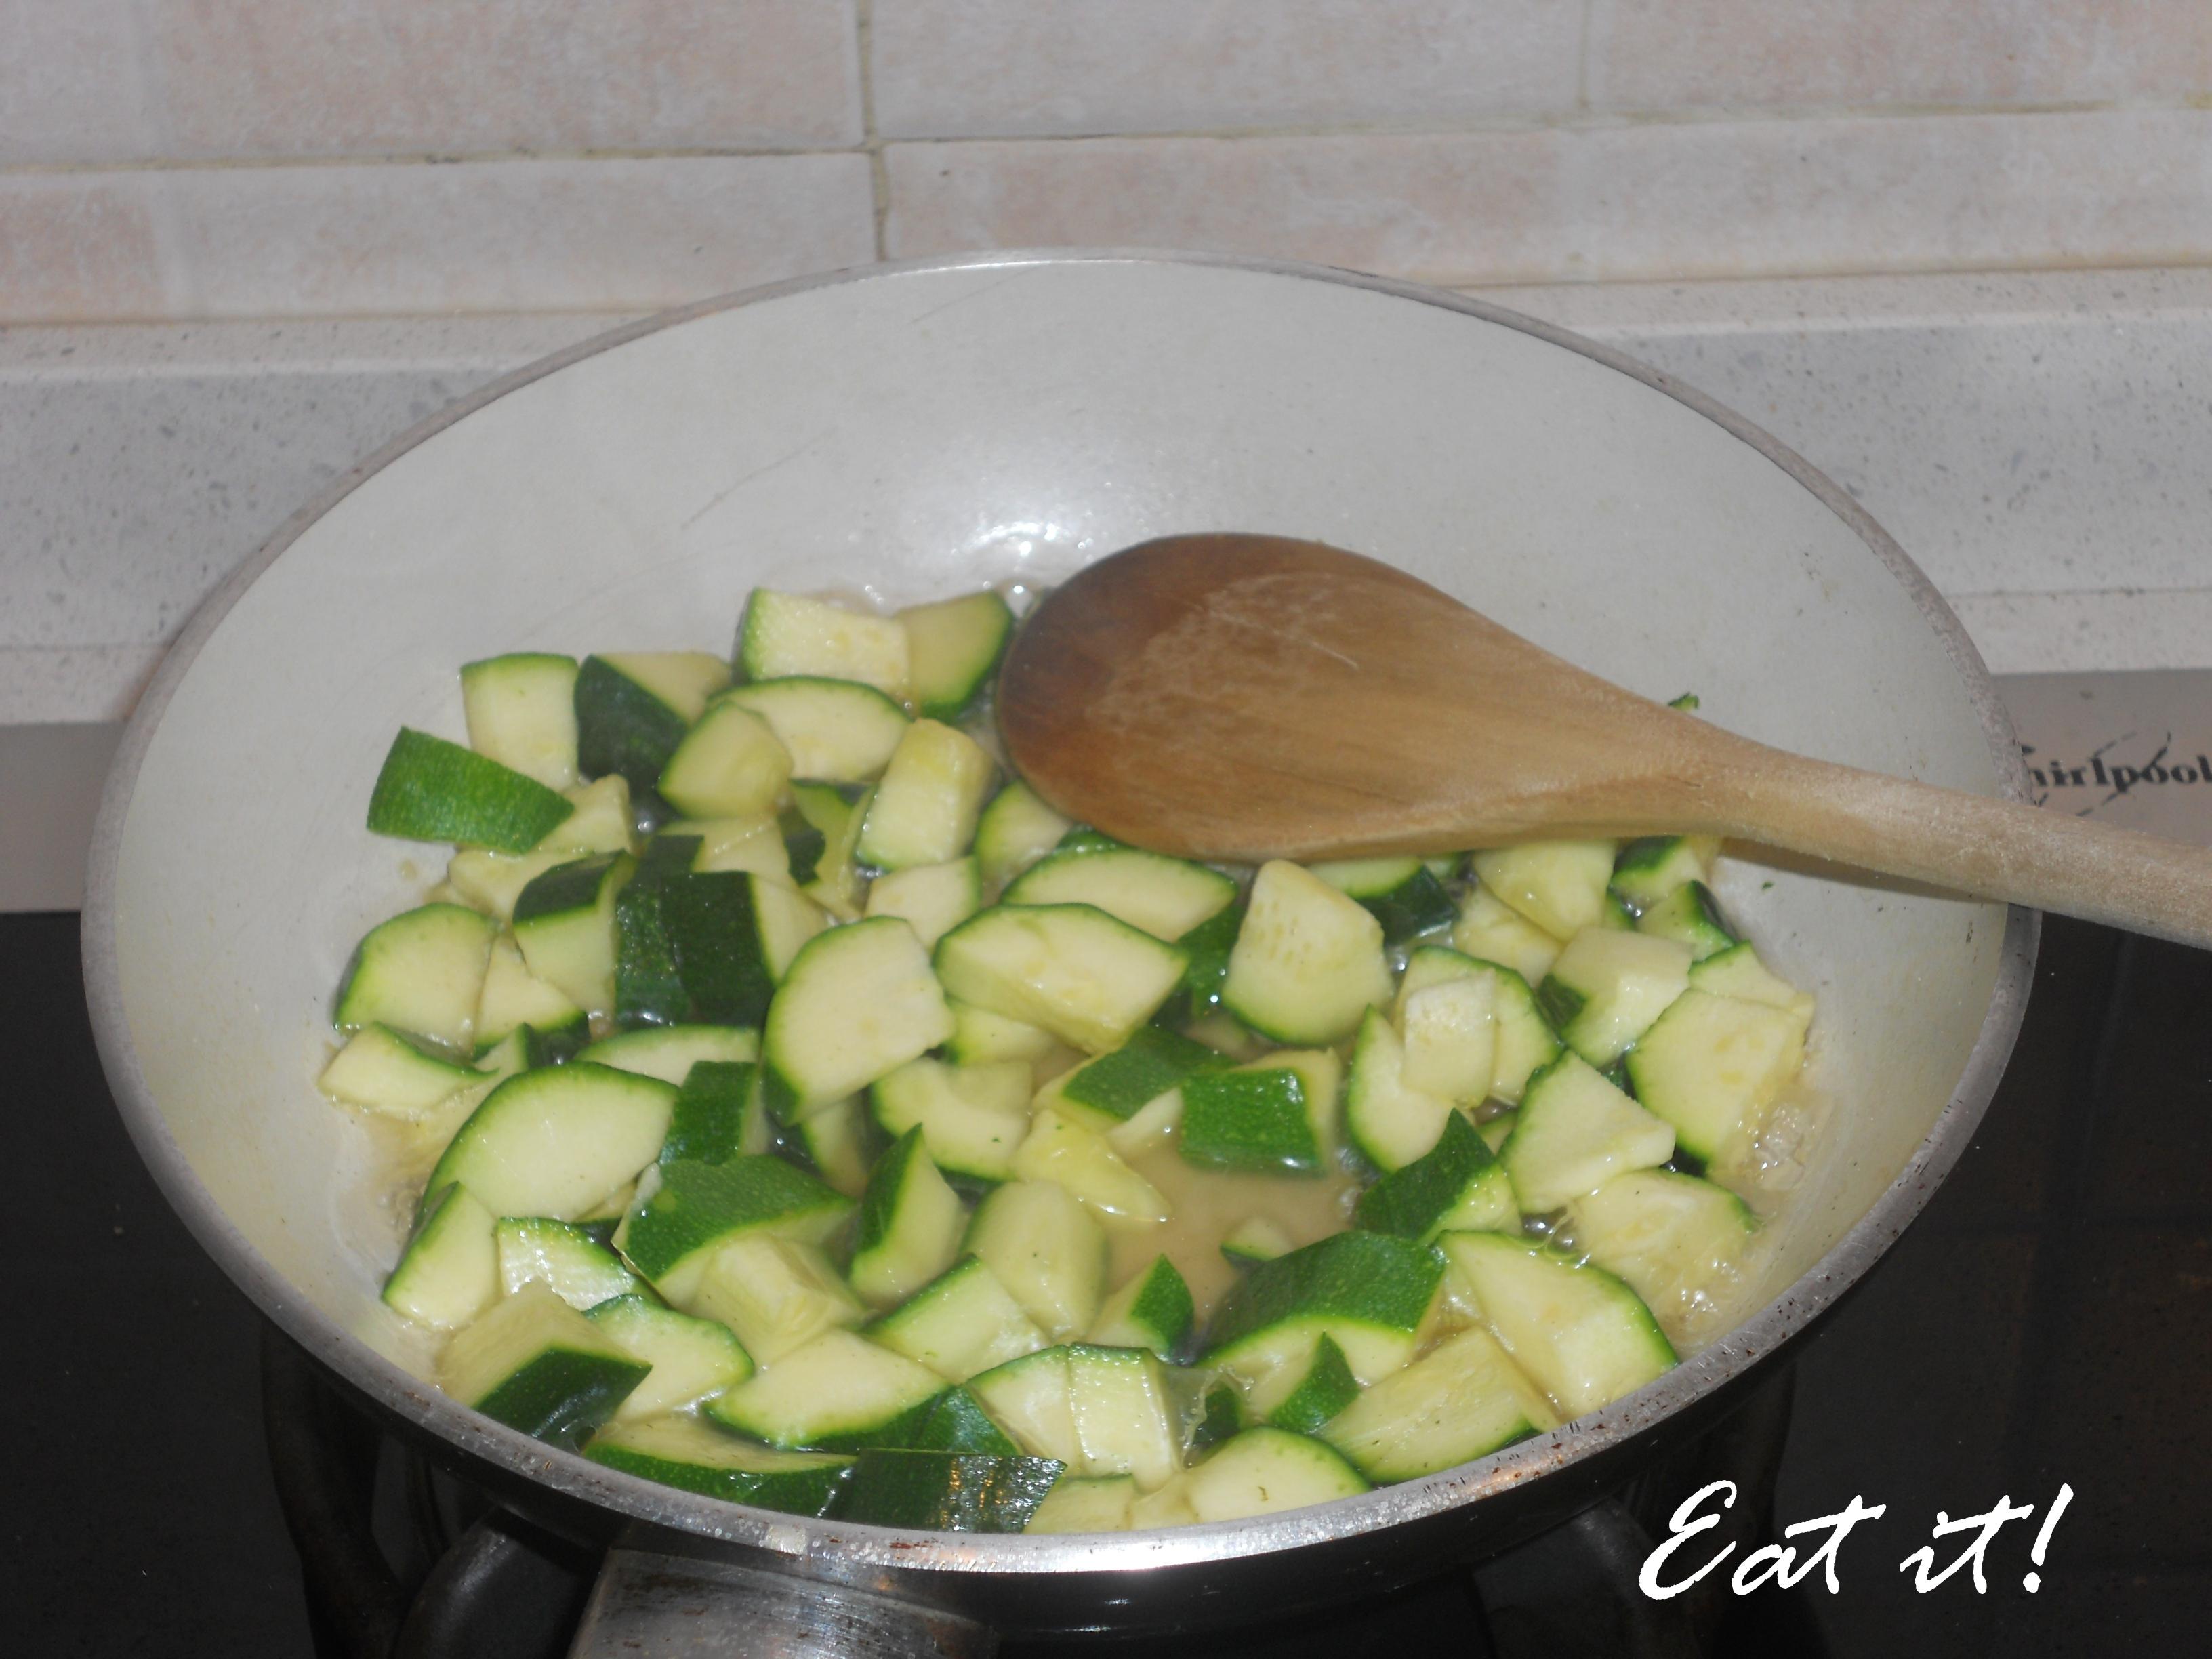 Sformatini alle zucchine - Zucchine in padella